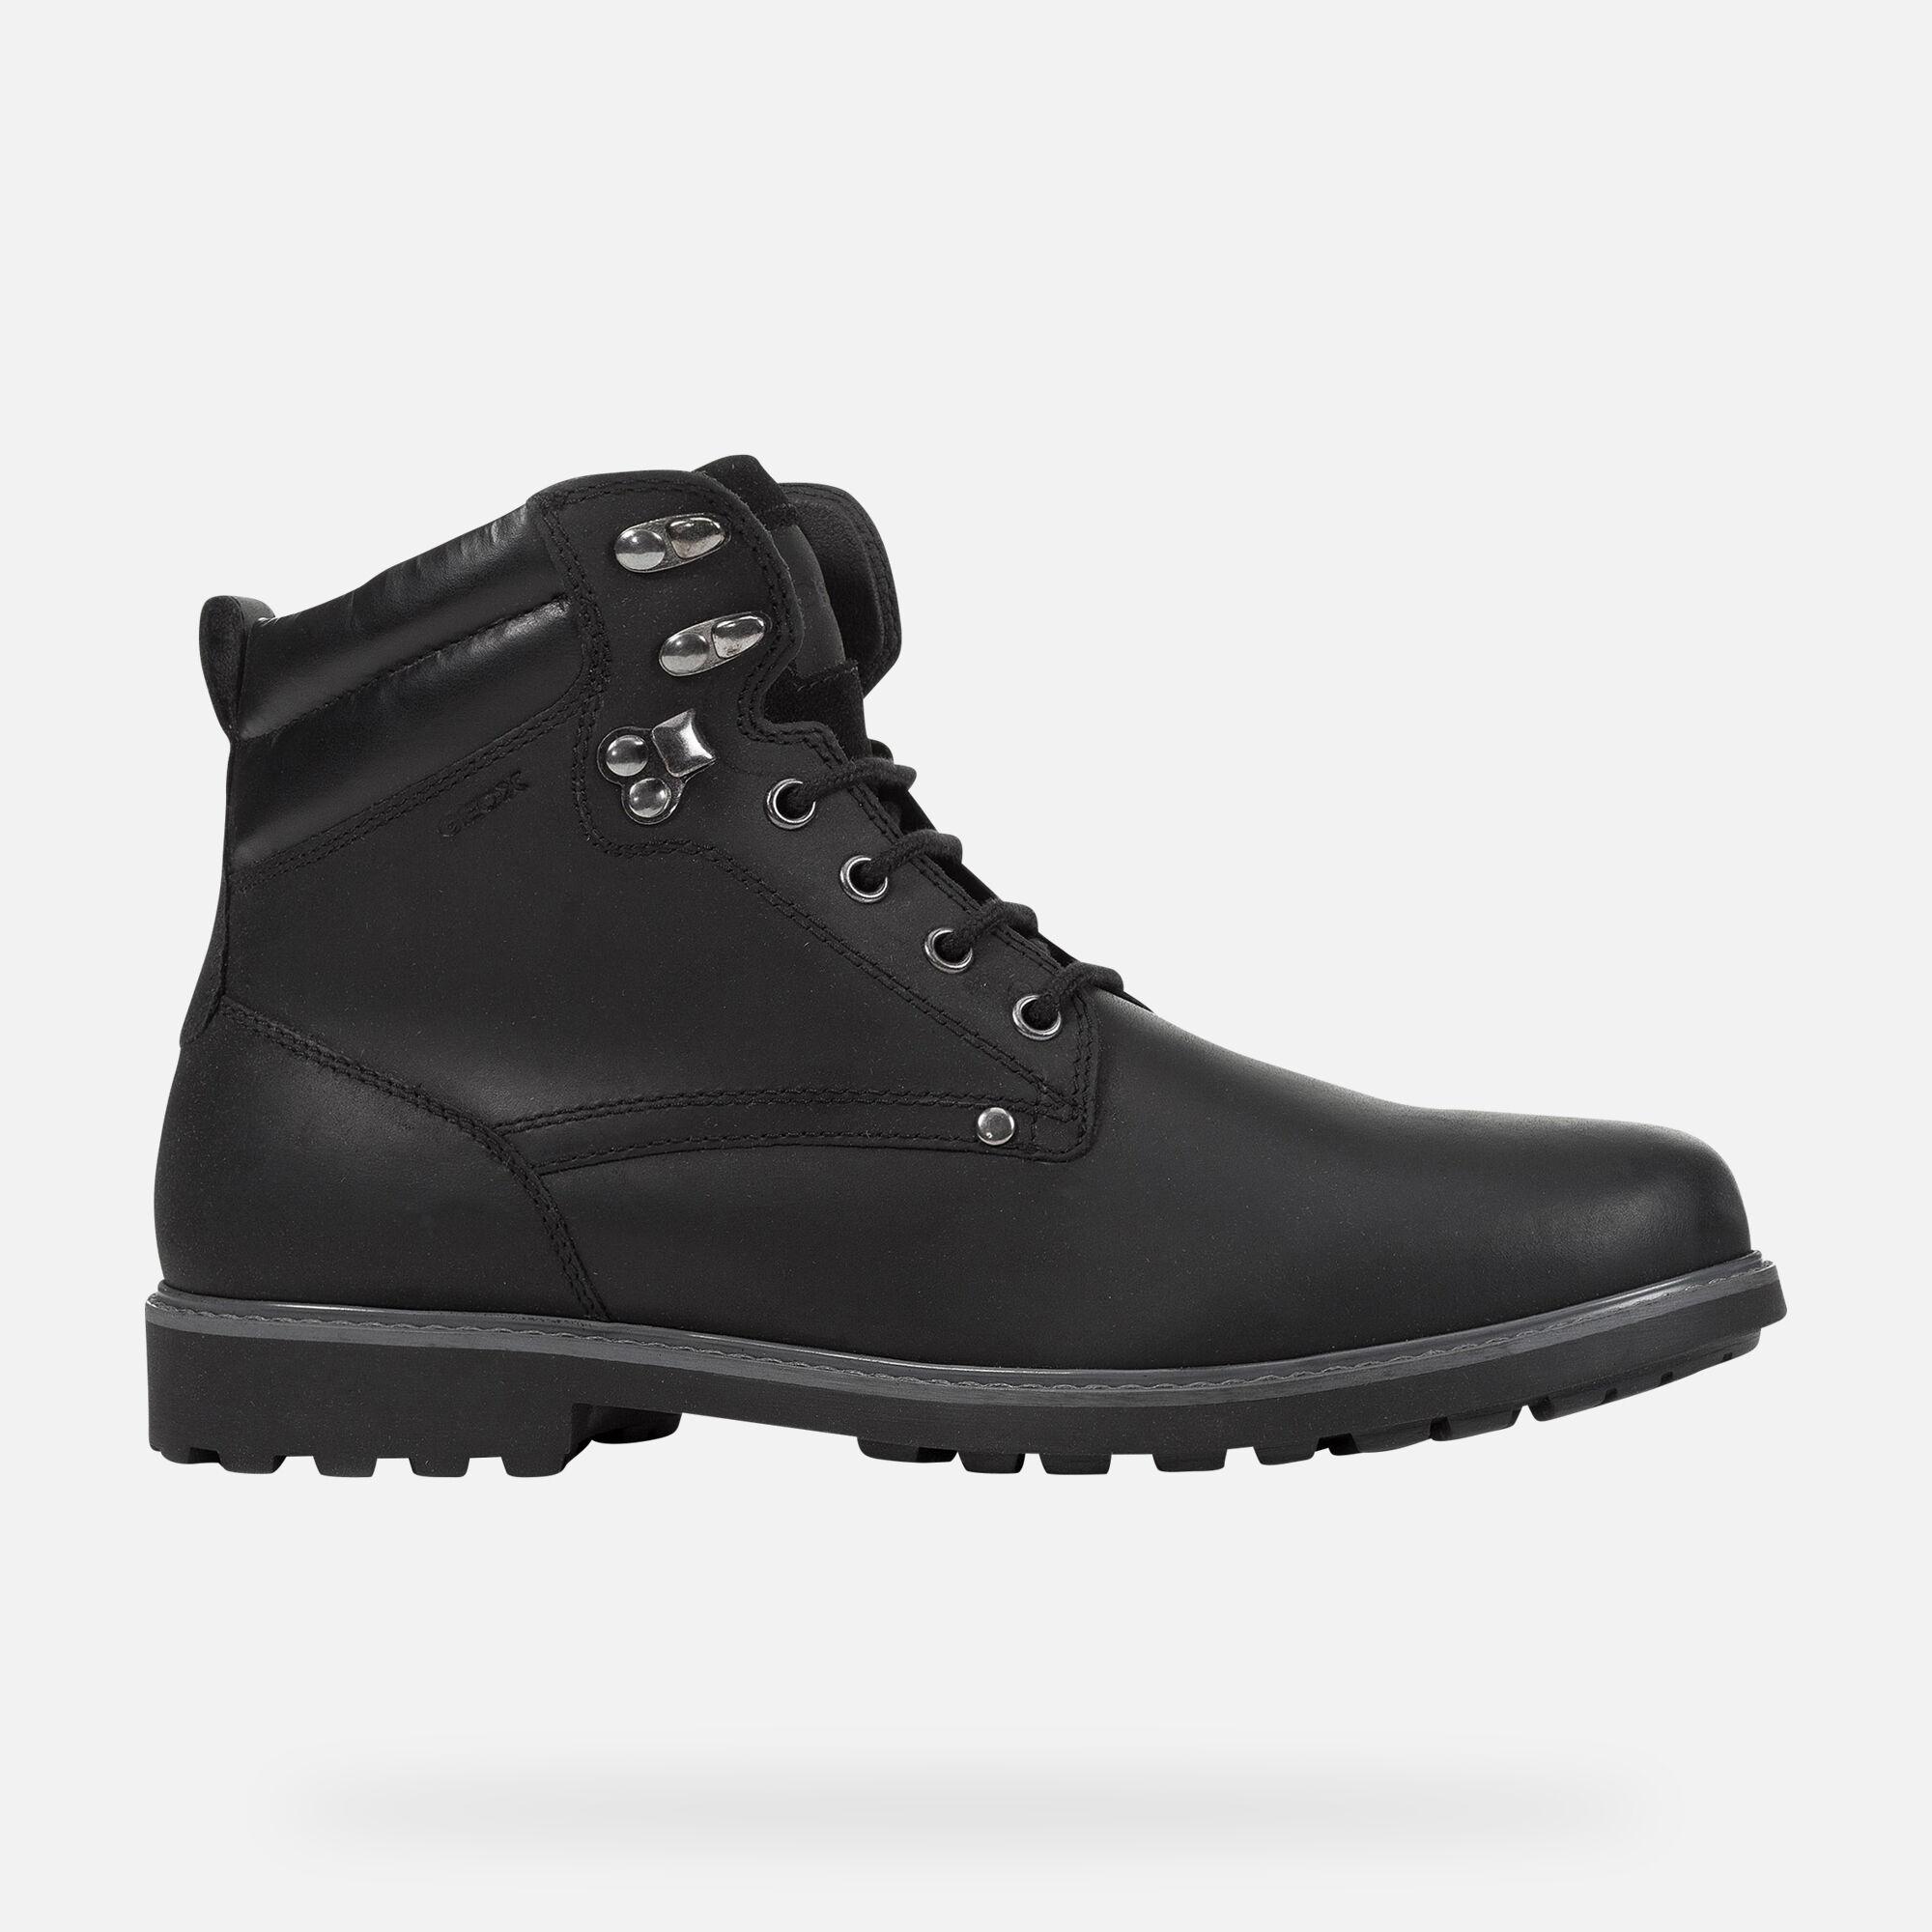 Geox U MATTIAS B ABX Sneakers | Geox Fall Winter